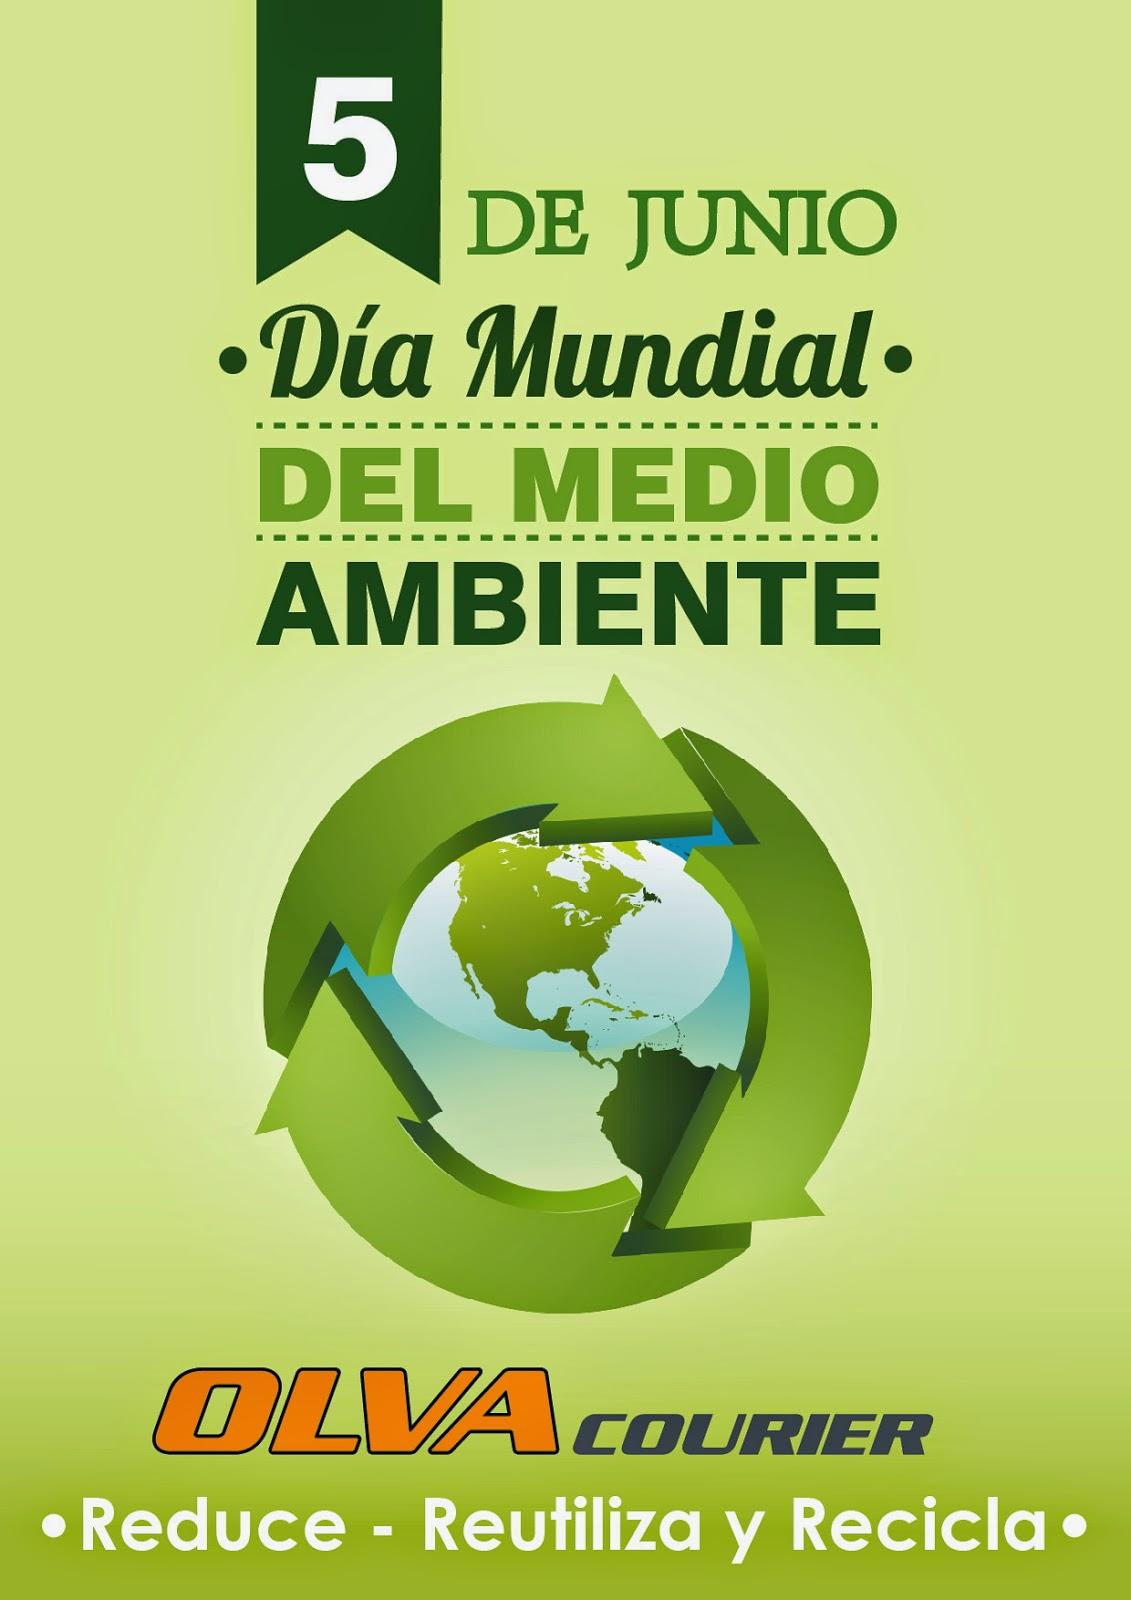 Afiche Alusivo A La Conservacion Del Medio Ambiente Afiche